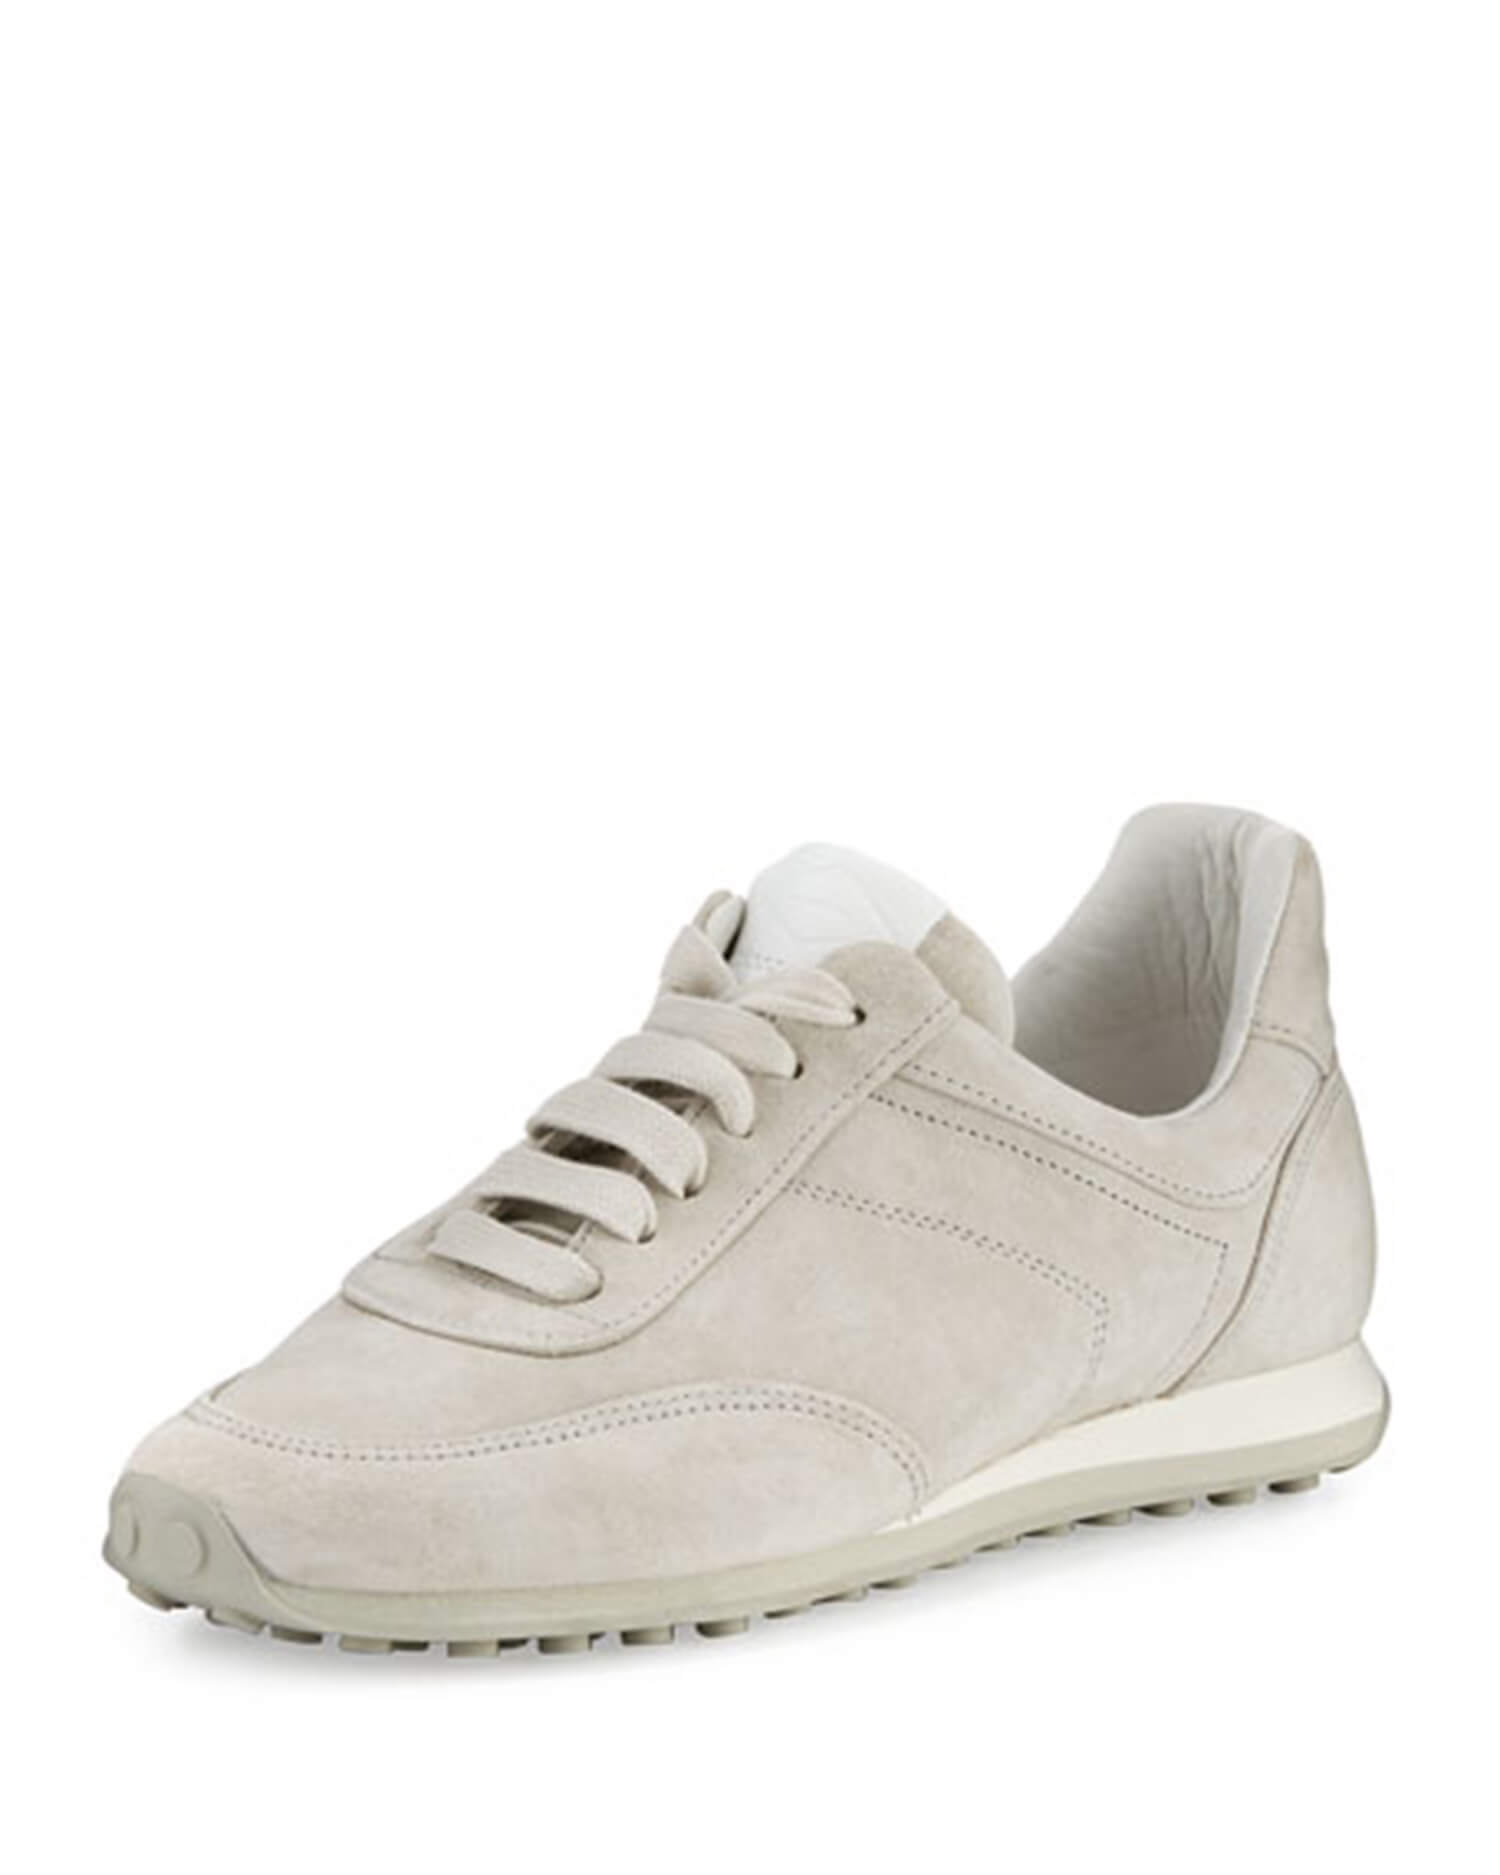 Dylan Suede Sneaker in Gray | Rag & Bone